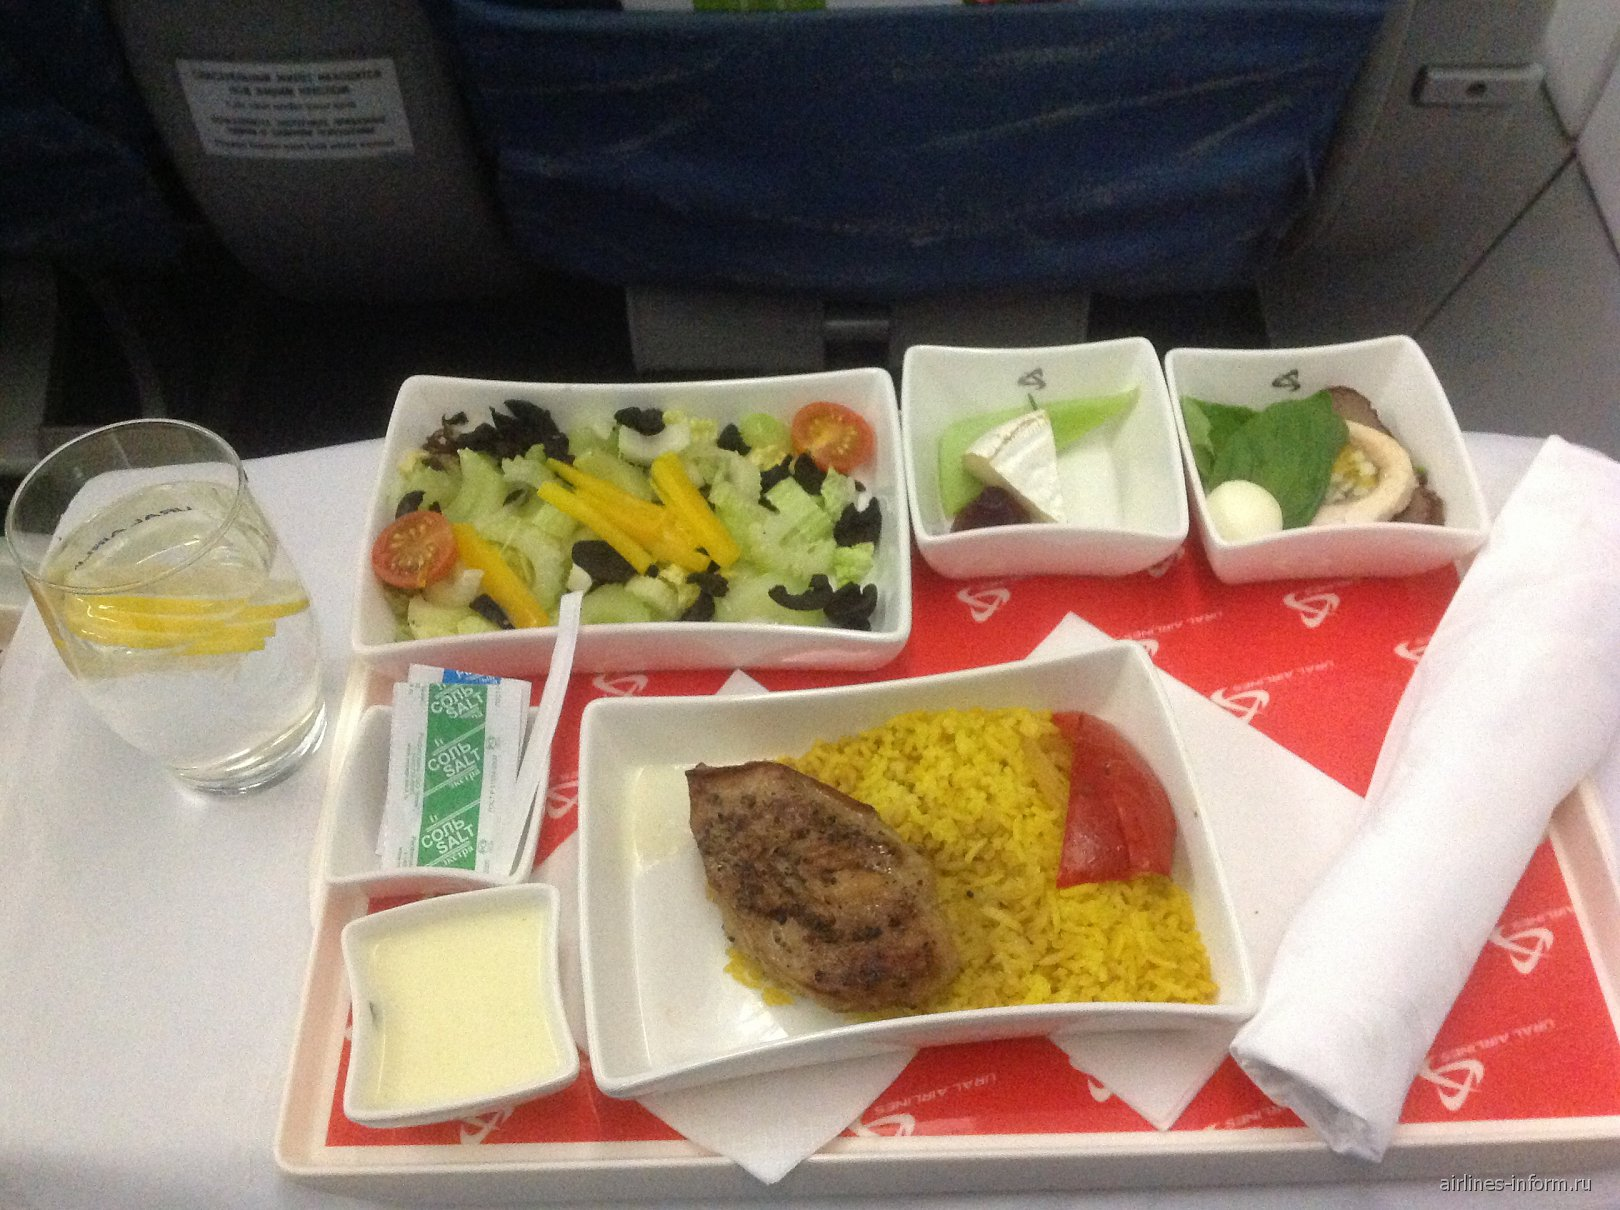 Ужин в бизнес-классе Уральских авиалиний на рейсе Москва-Иркутск